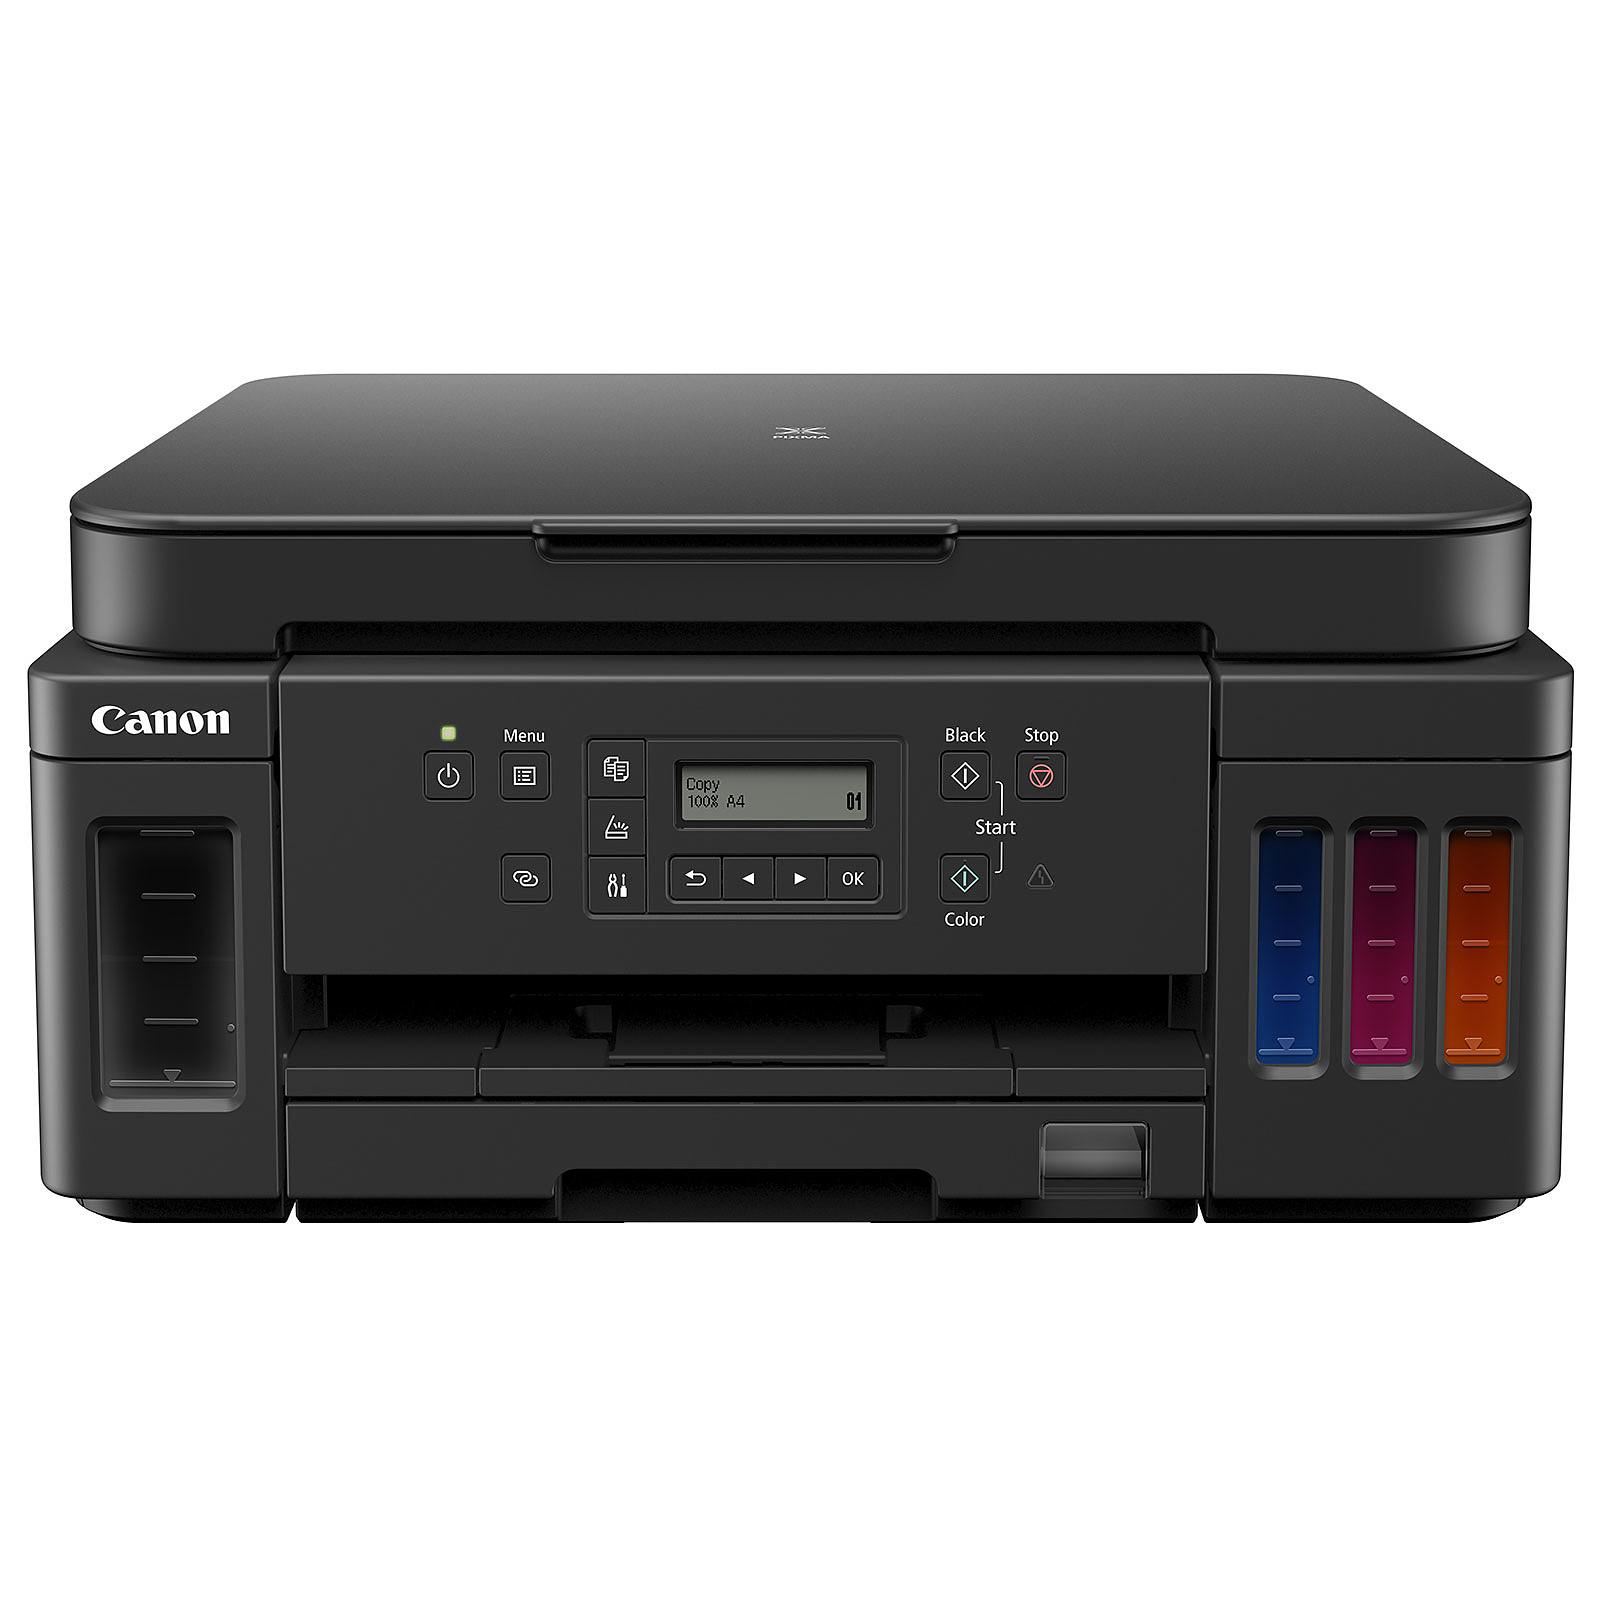 Imprimante multifonction Canon PIXMA G6050 - Cybertek.fr - 0